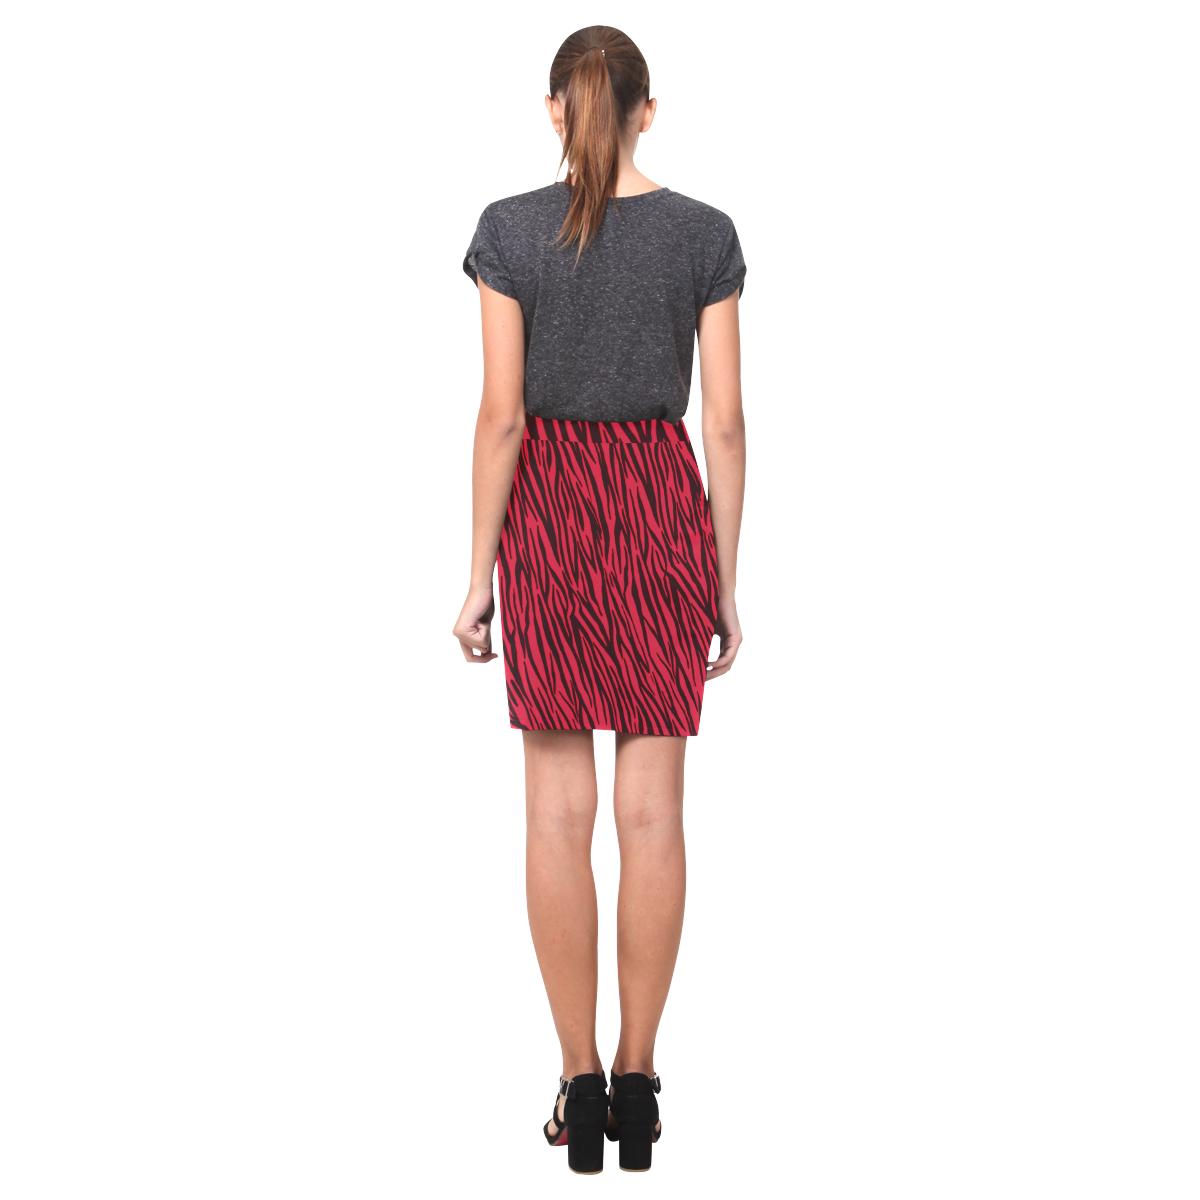 Red Zebra Stripes Fur Print Nemesis Skirt (Model D02)